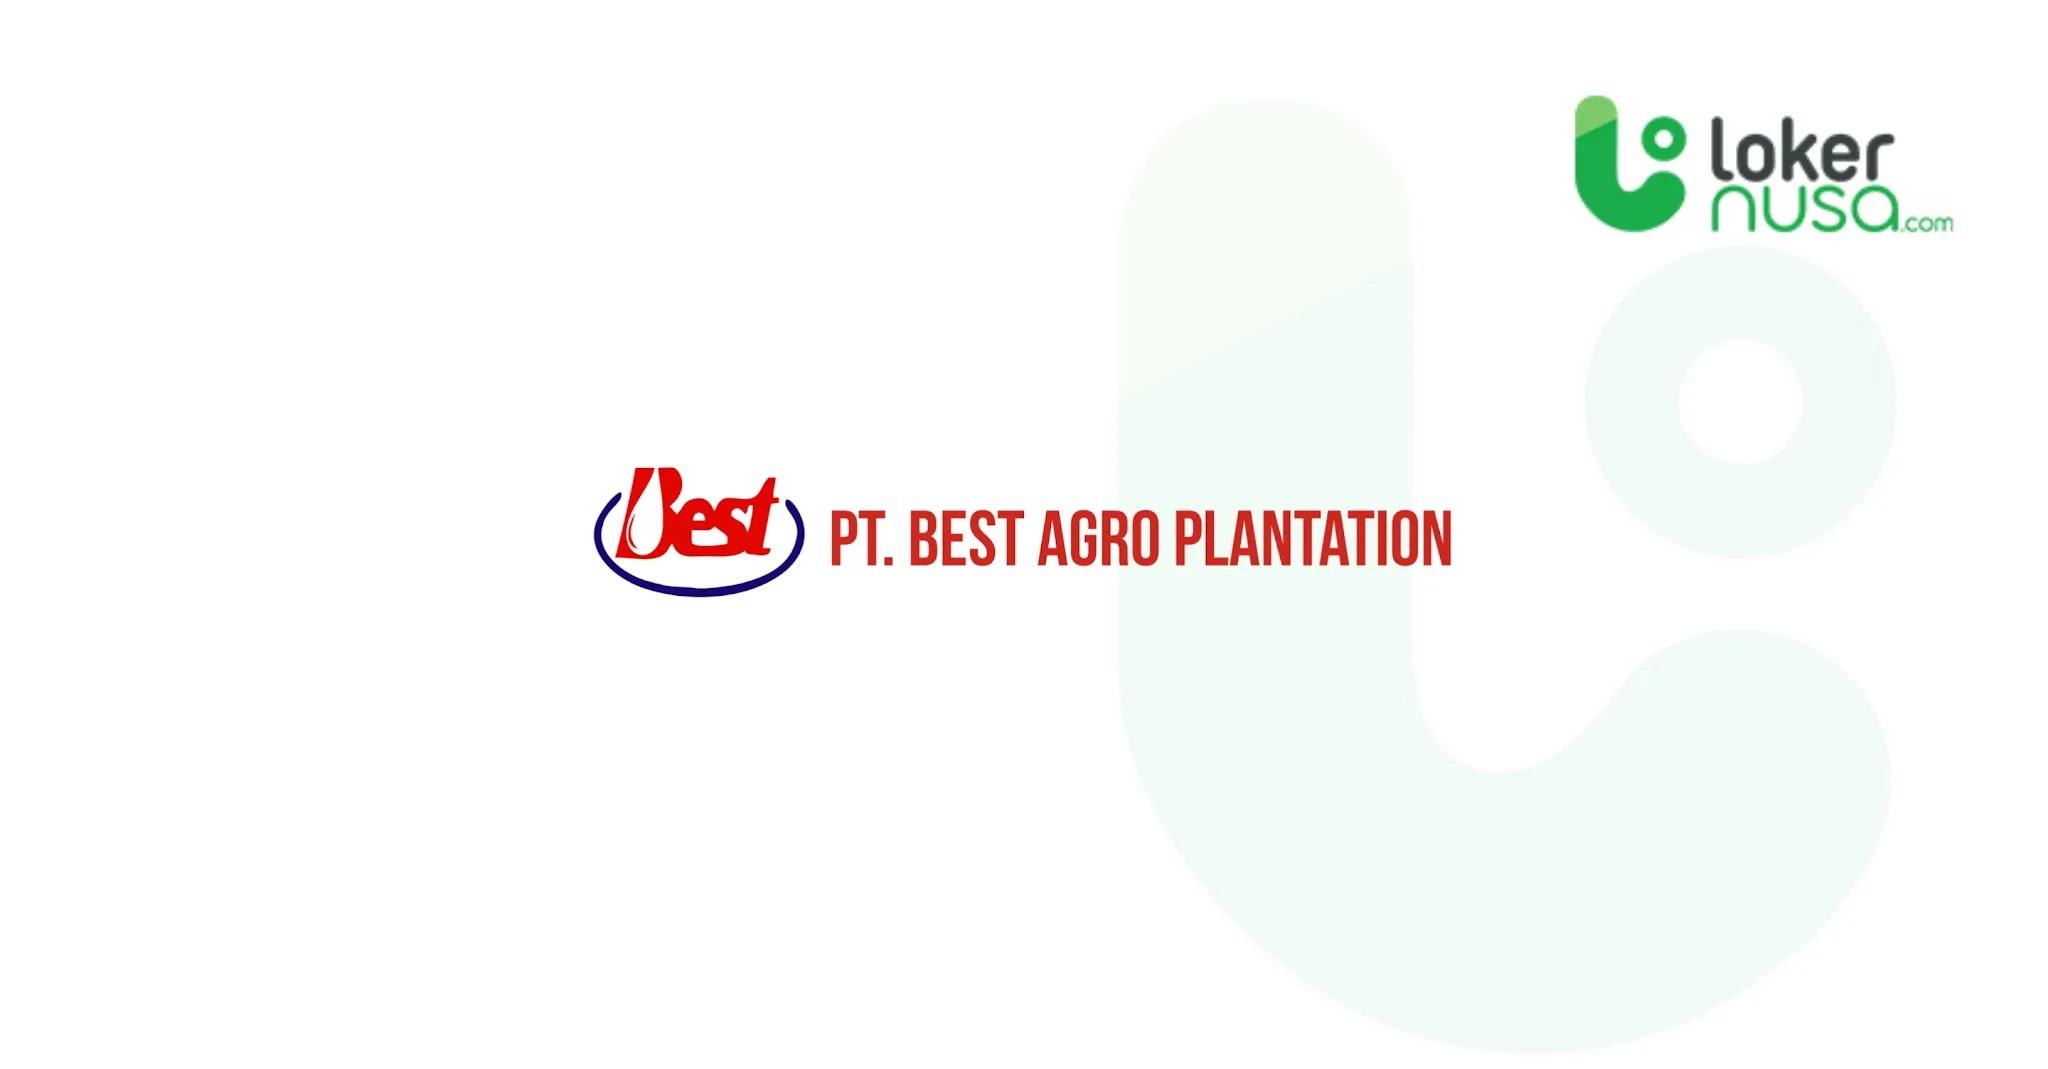 Lowongan Kerja Medis Best Agro